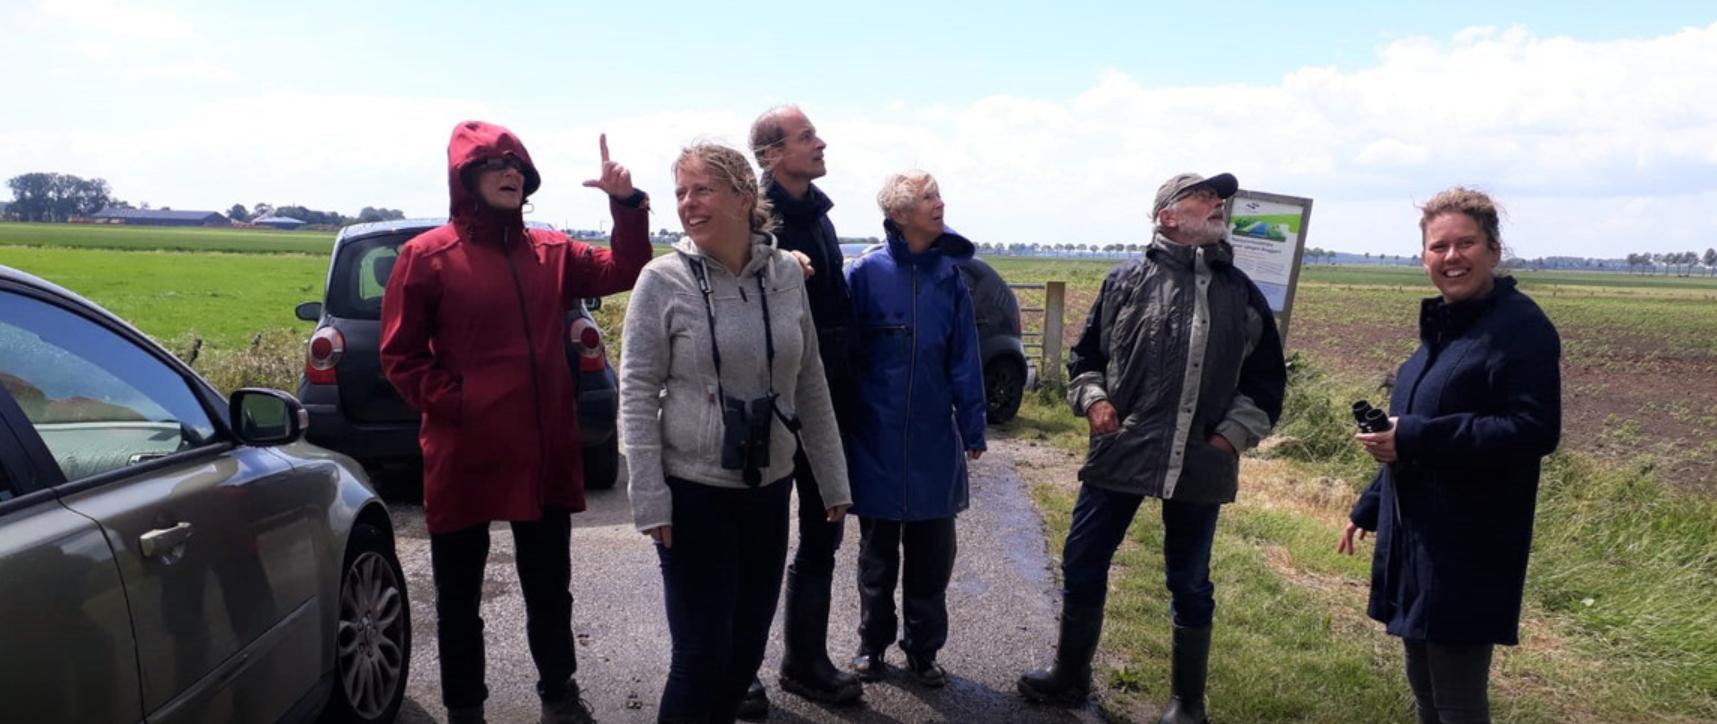 Weidevogels Altena Na Dip Van 2018 Weer In De Lift; 2019 Is Een Recordjaar